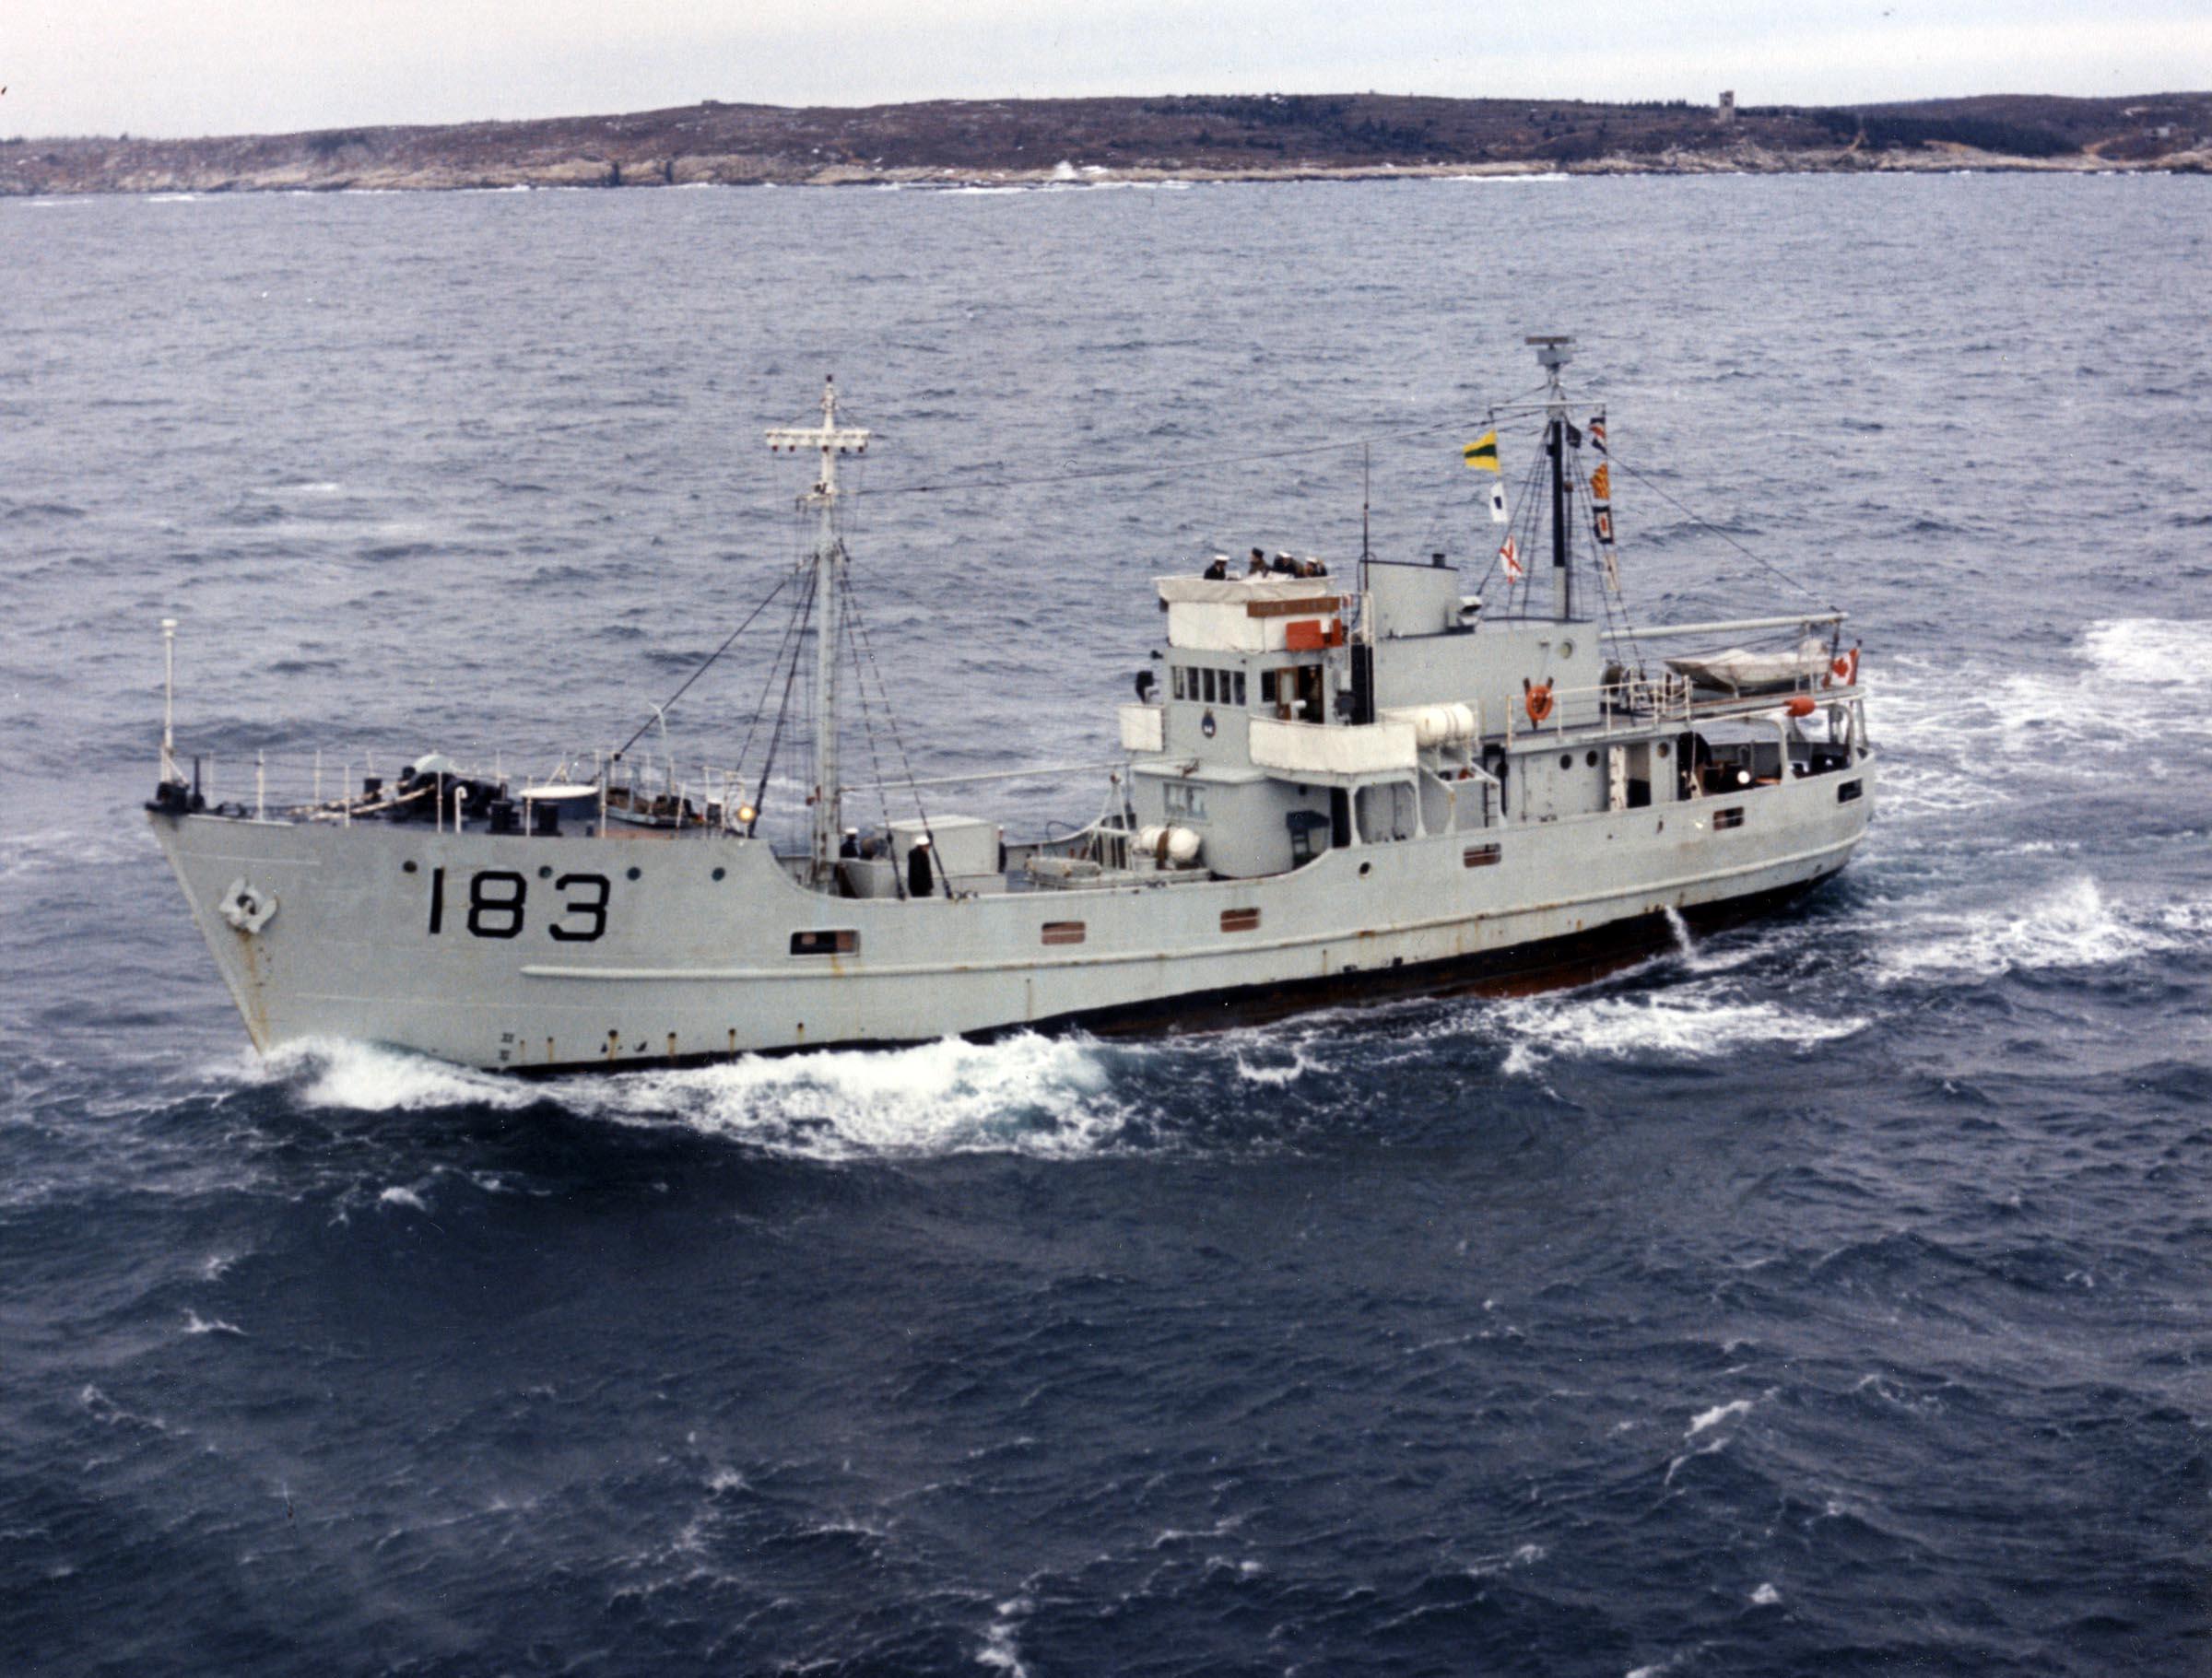 HMCS PORTE ST. LOUIS